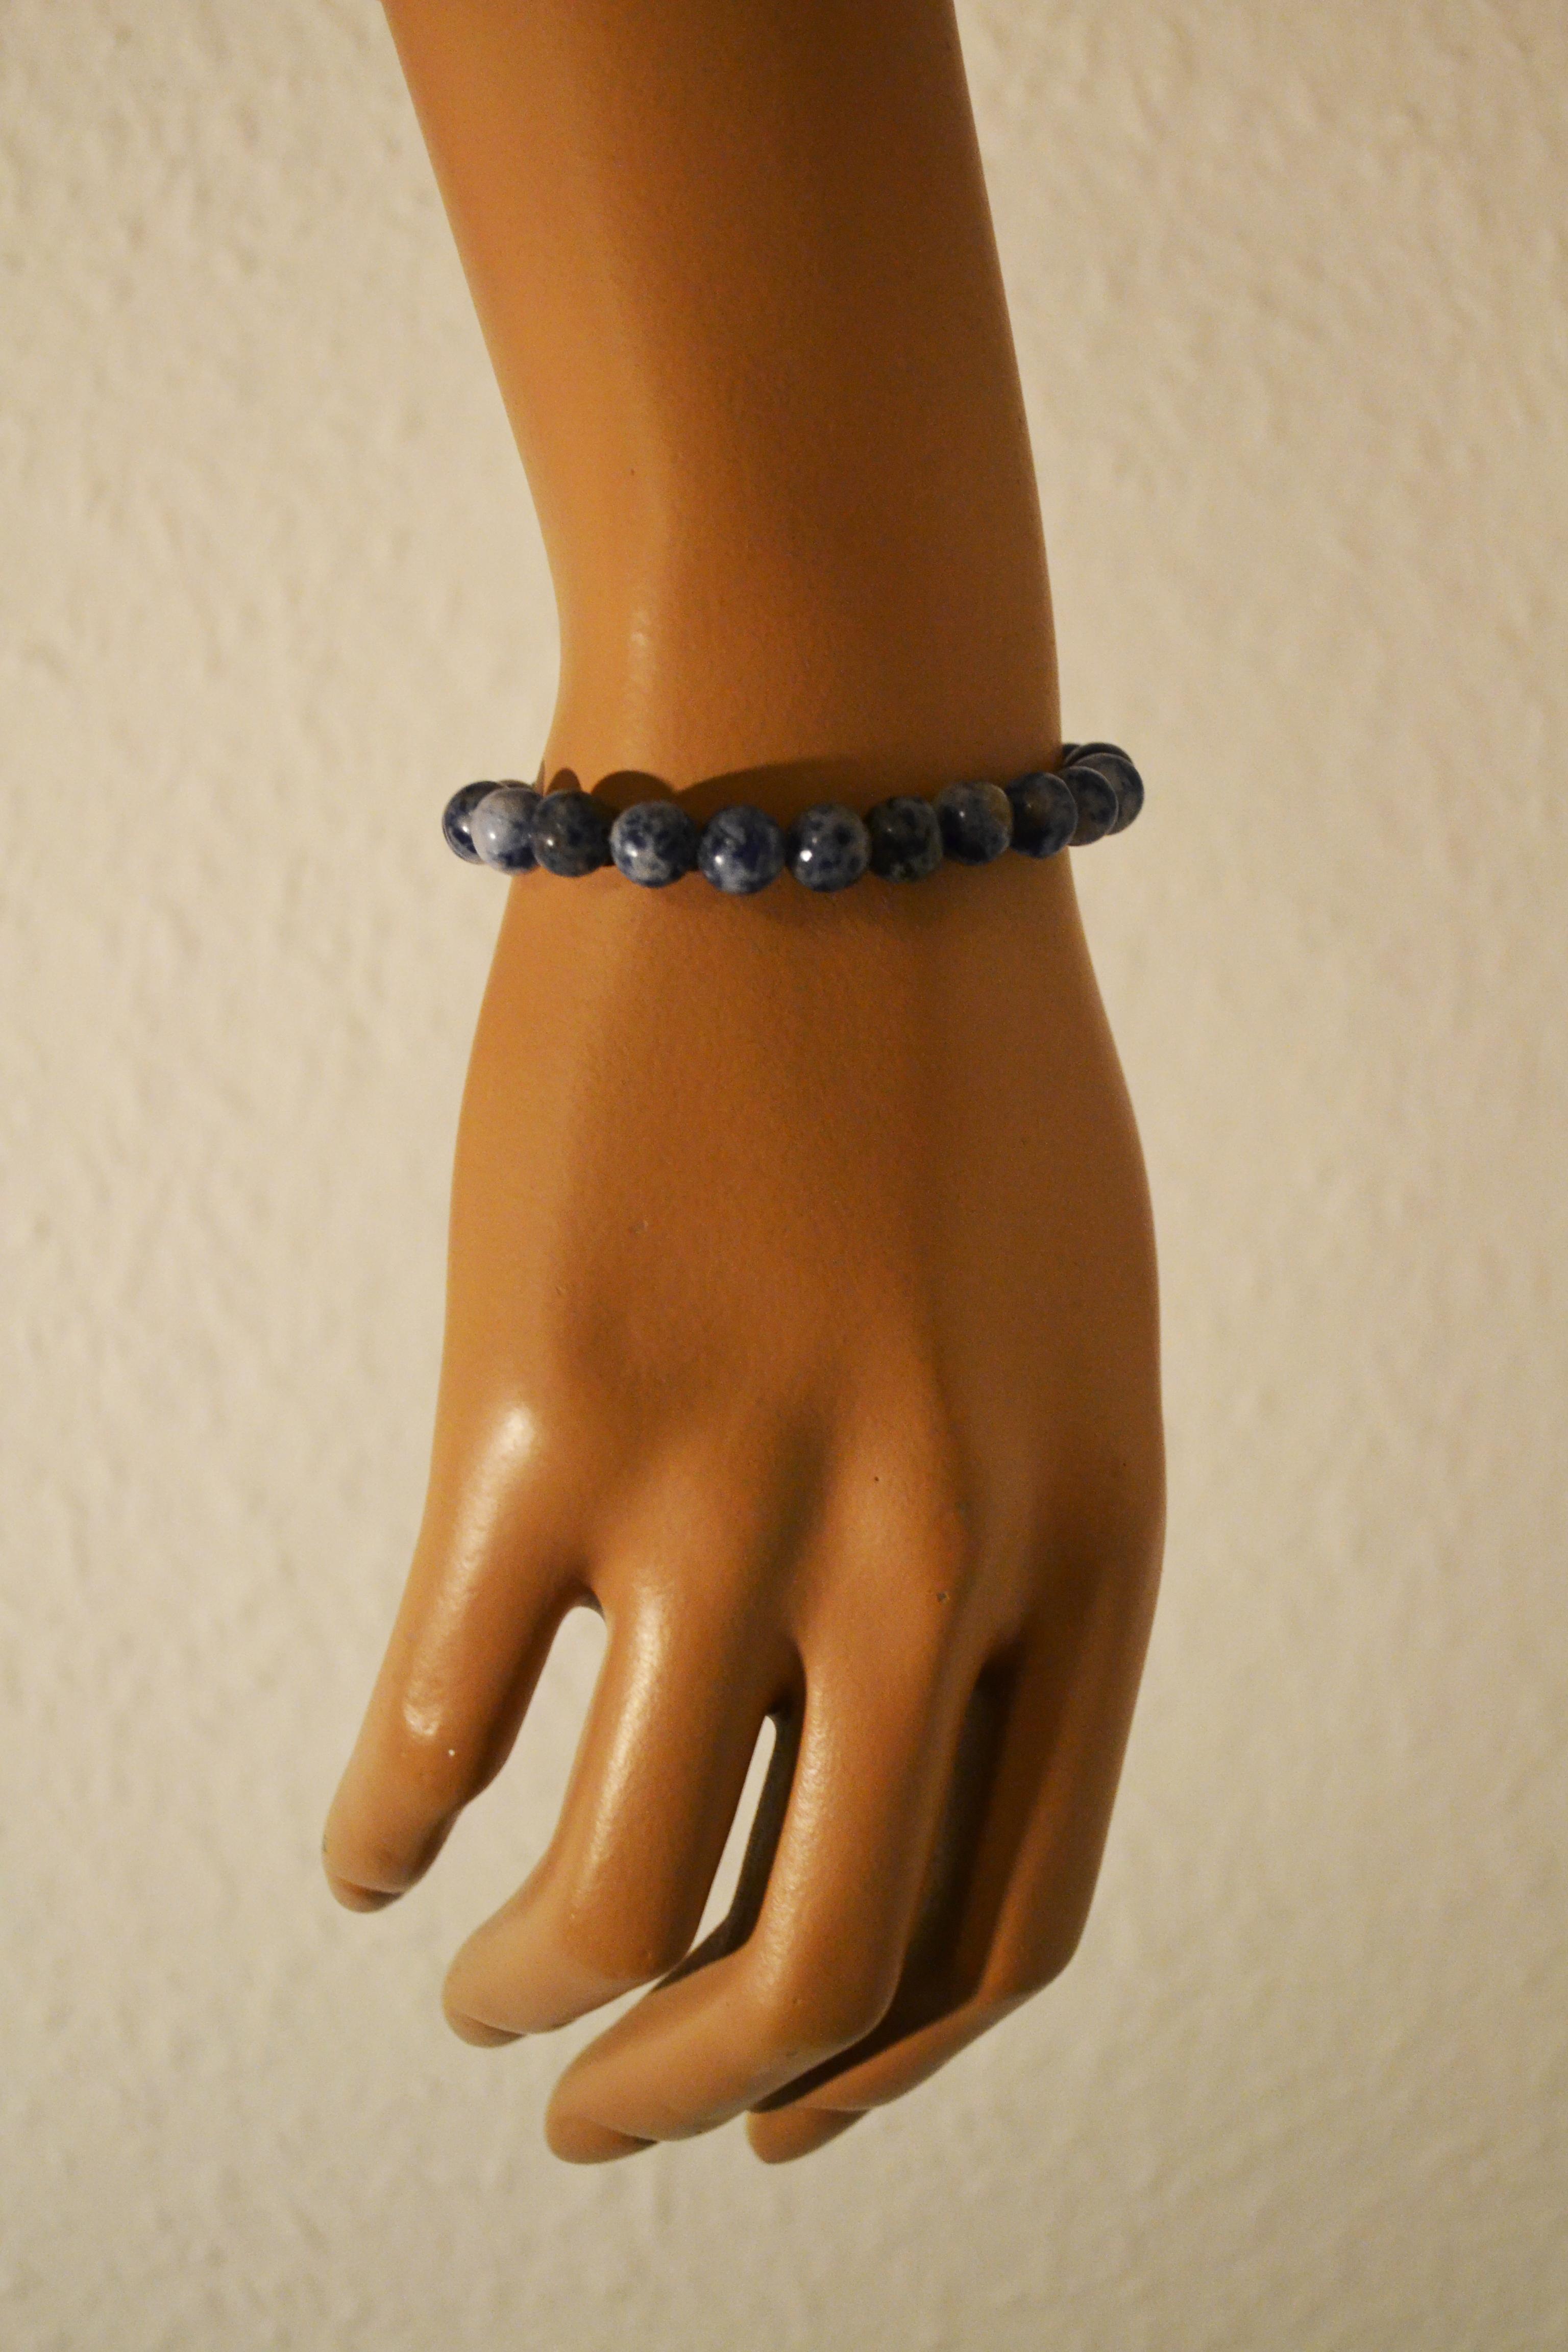 Power Armband blau weiß